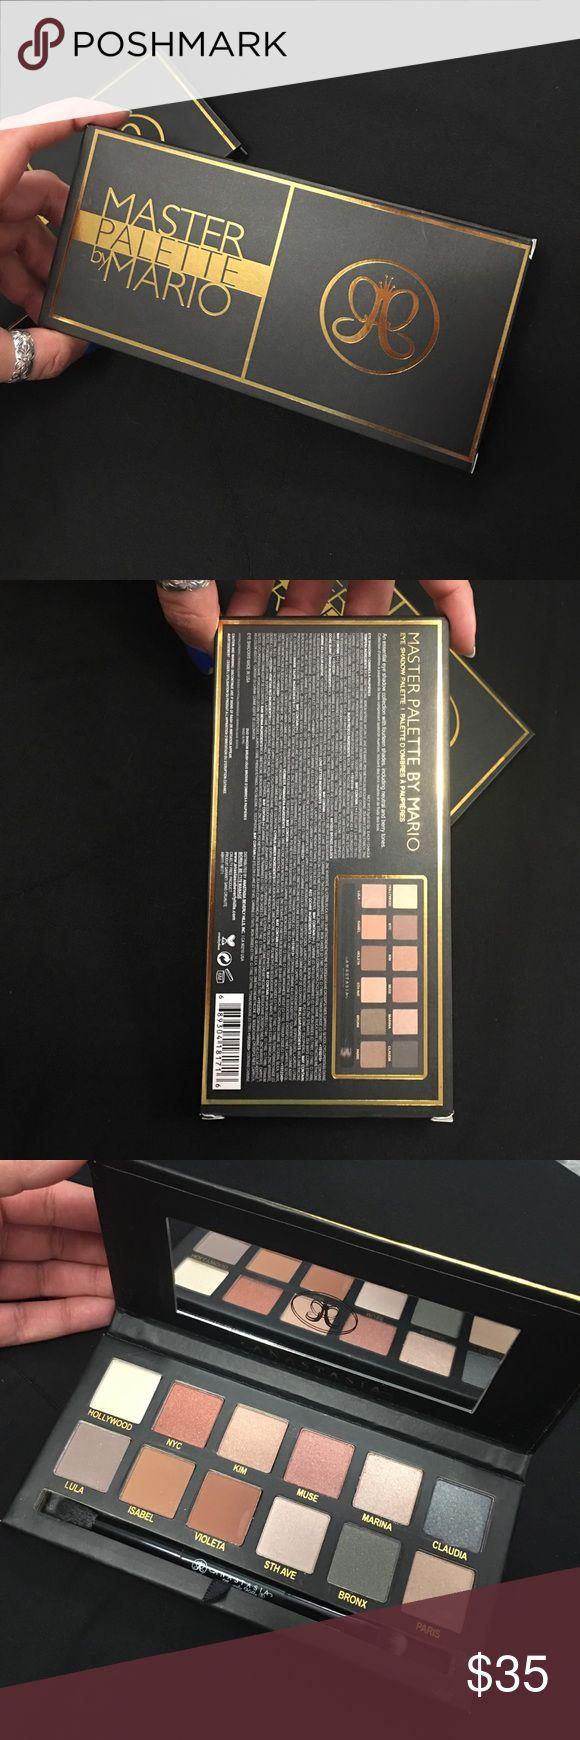 ABH Master Palette by Mario Brand new!! Price R E F L E C